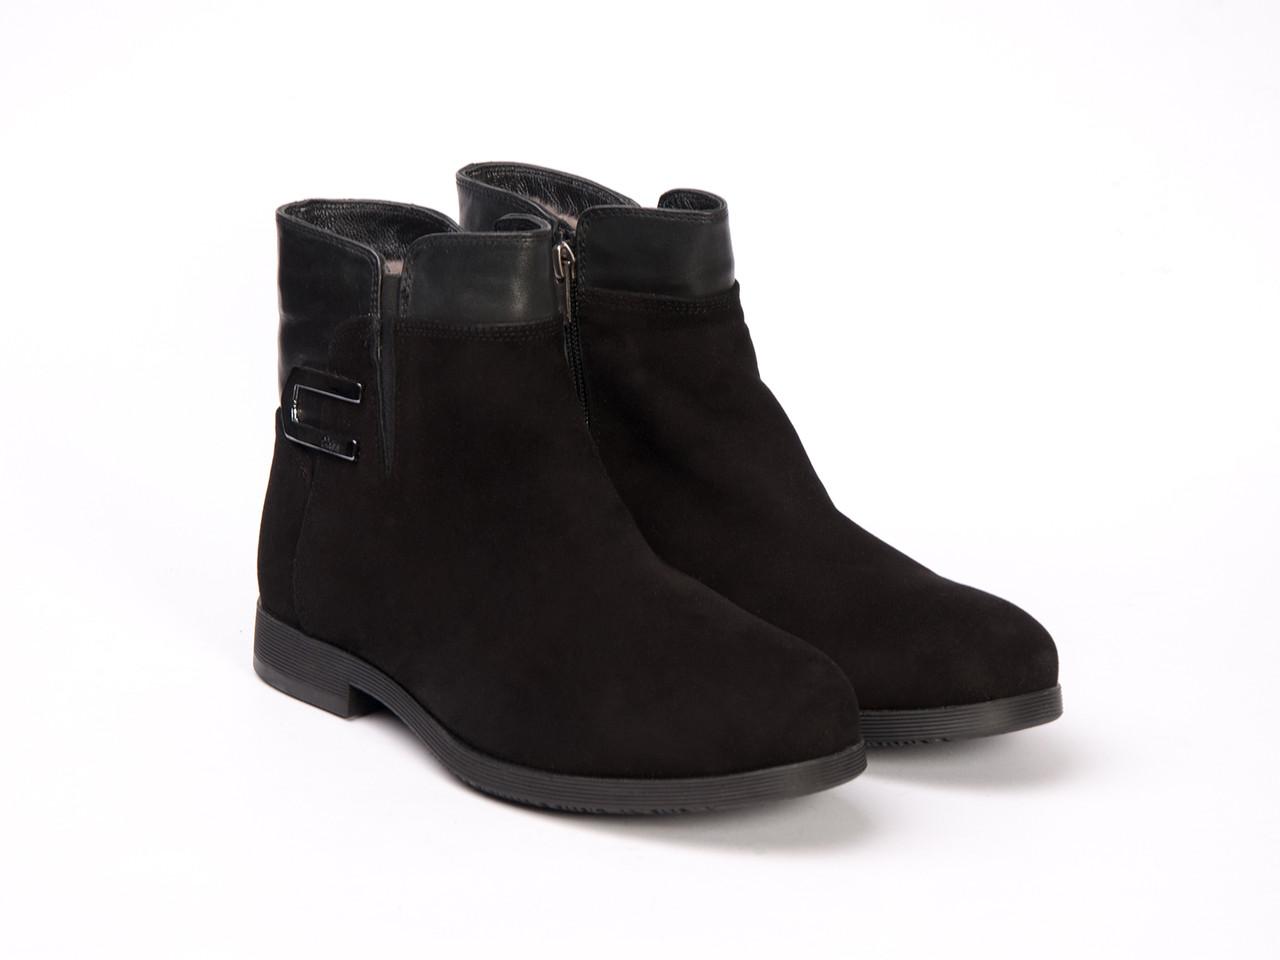 Ботинки Etor 10149-07056 черные